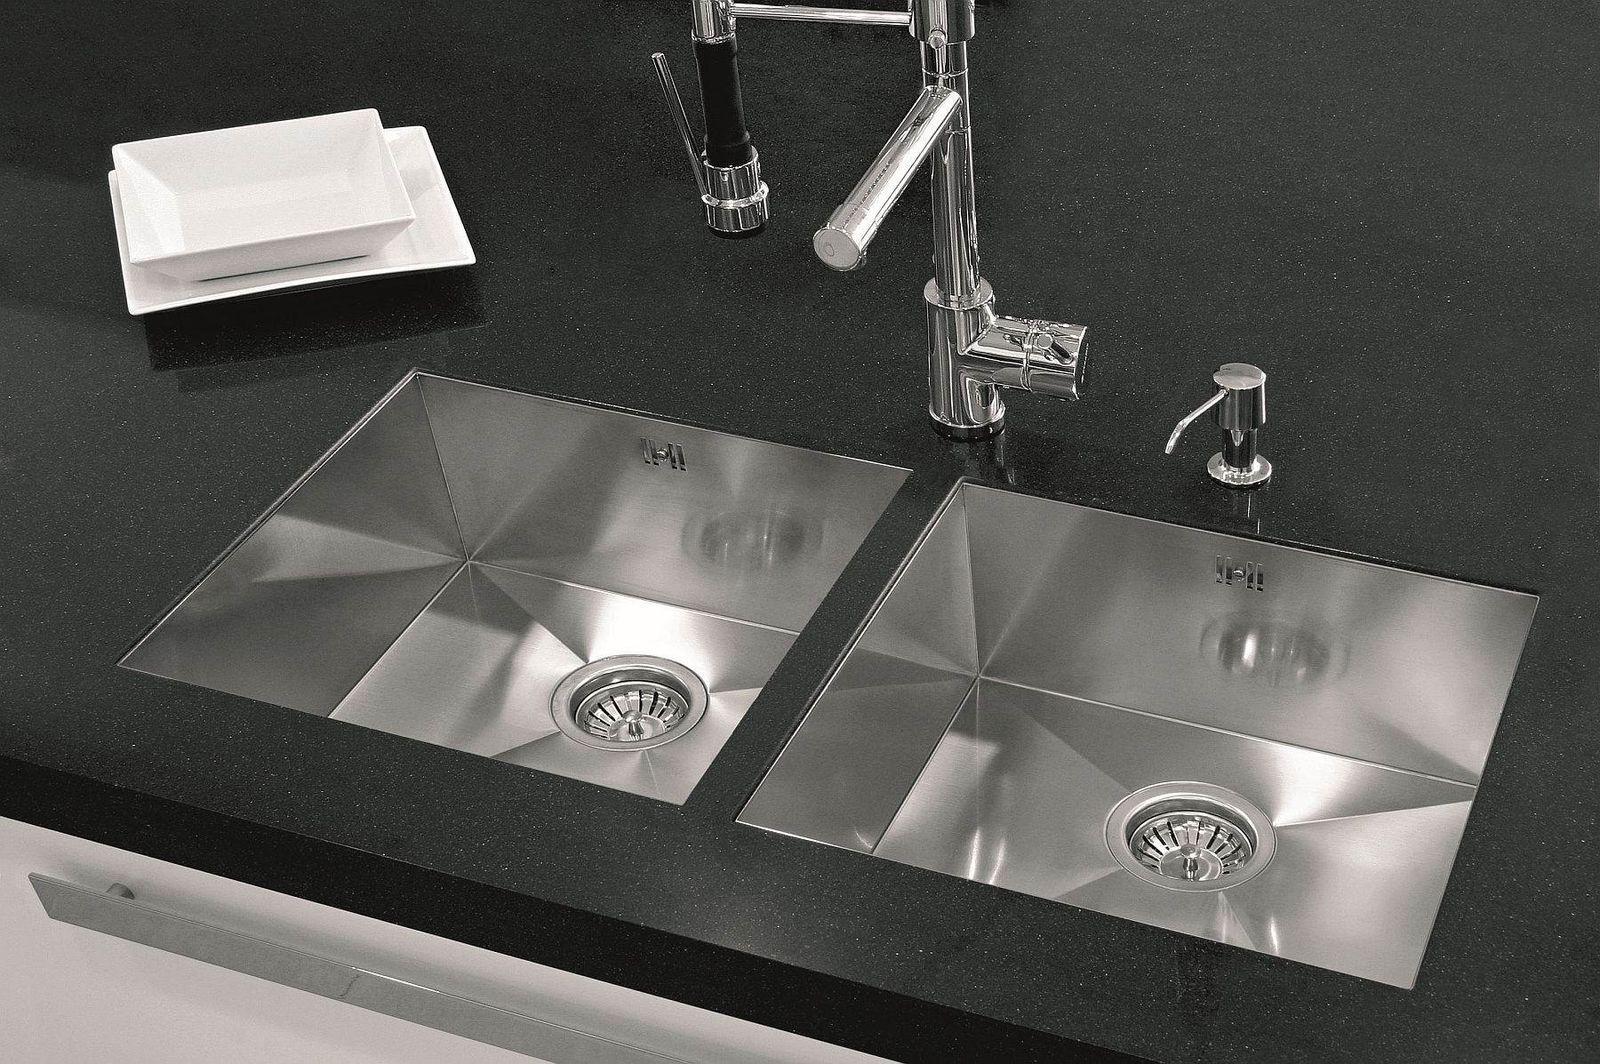 Pyramis Flachrand Einbau Küchenspüle 340 x 400 mm Unterbaubecken ...